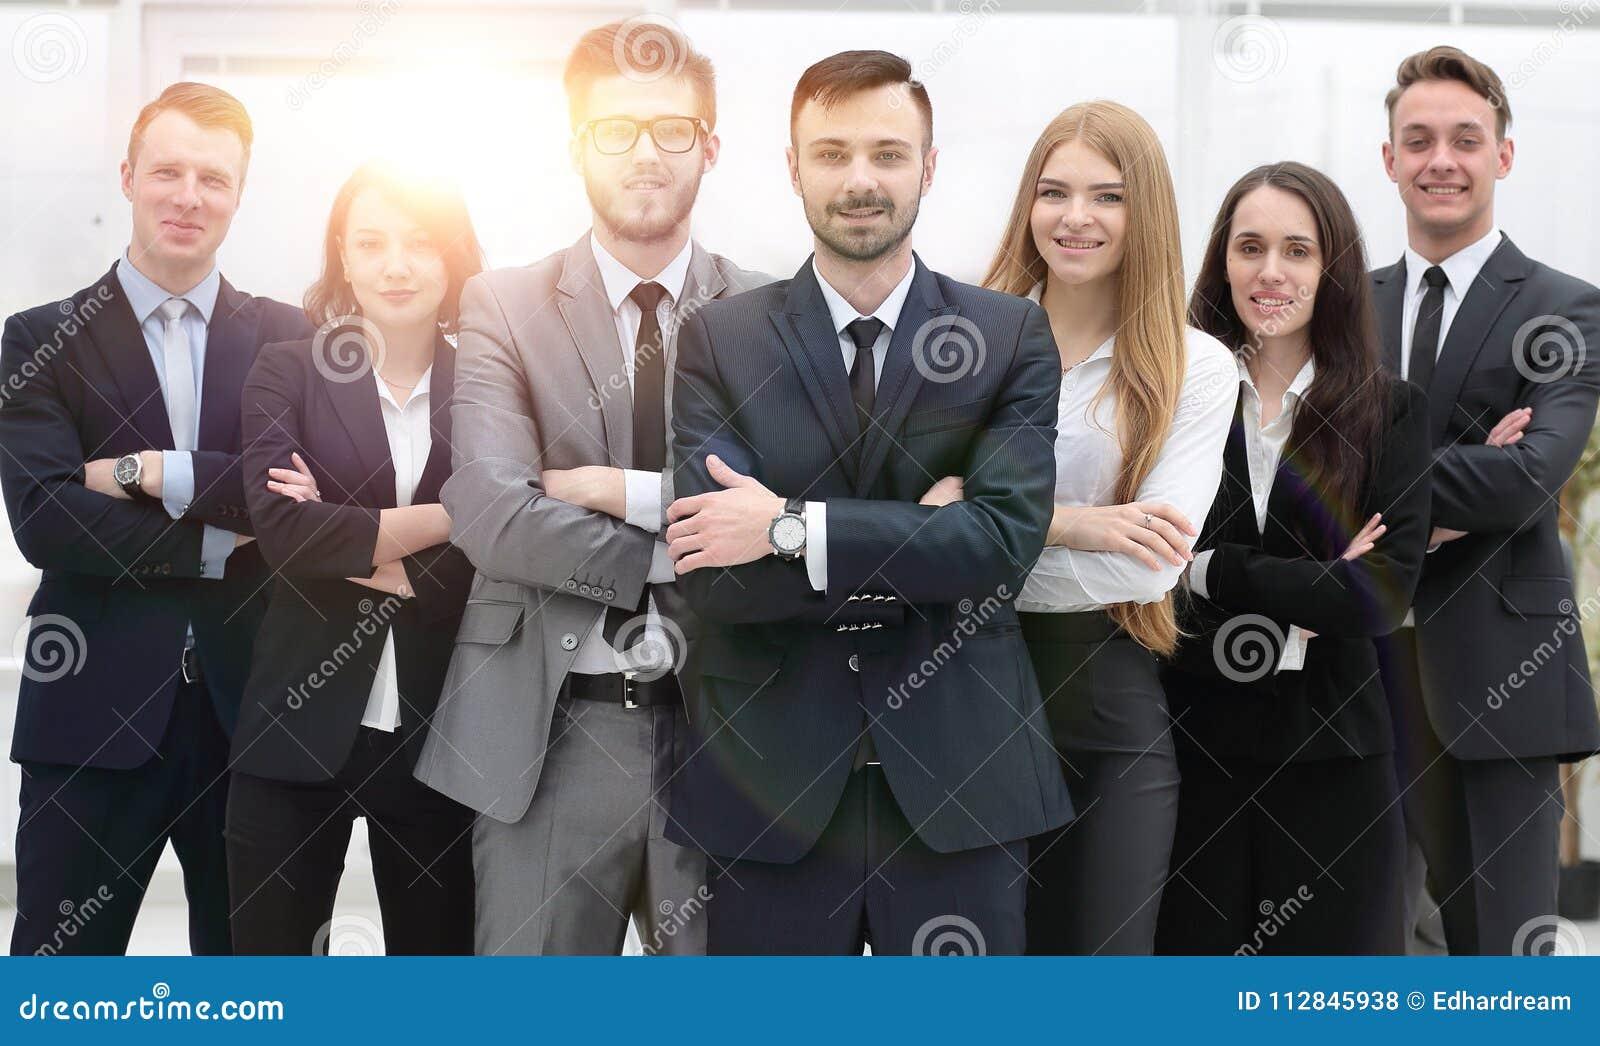 Ritratto del gruppo project manager e gruppo di affari